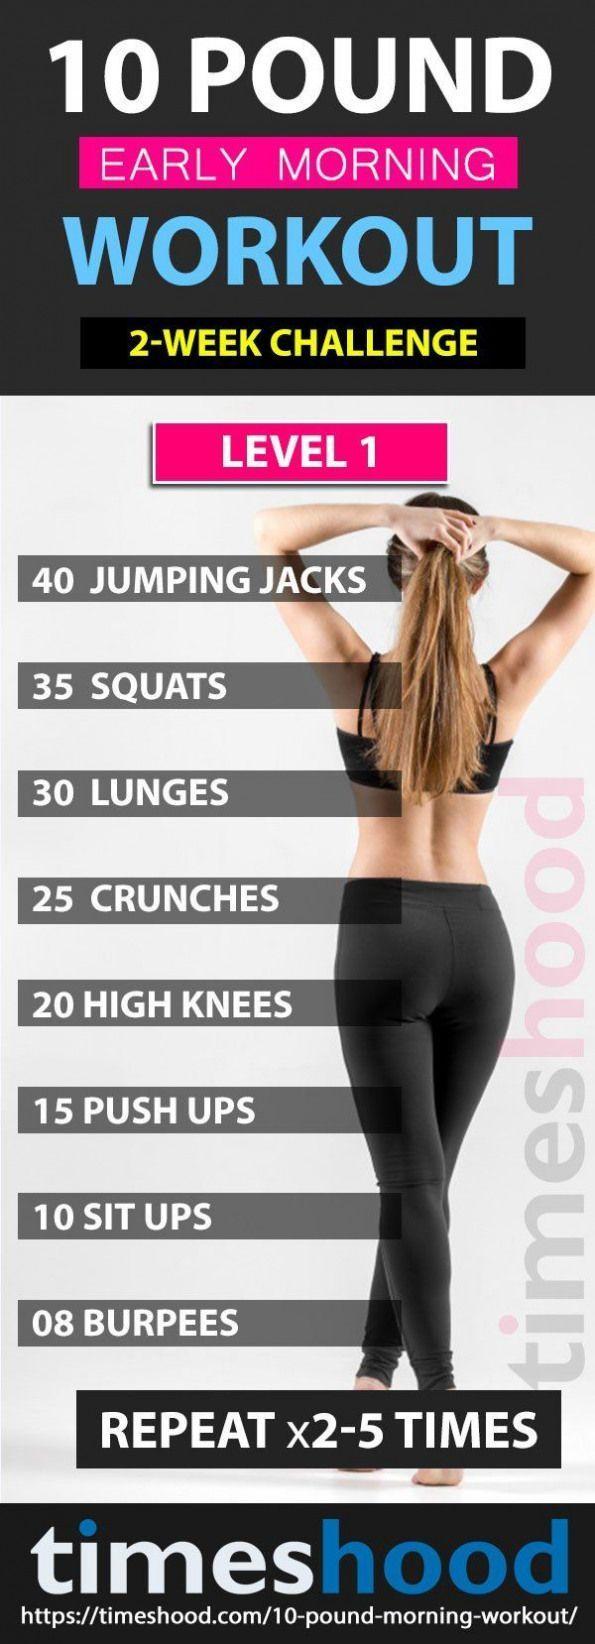 Verlieren Sie 10 Pfund in 3 Wochen mit diesem Übungsplan für frühm